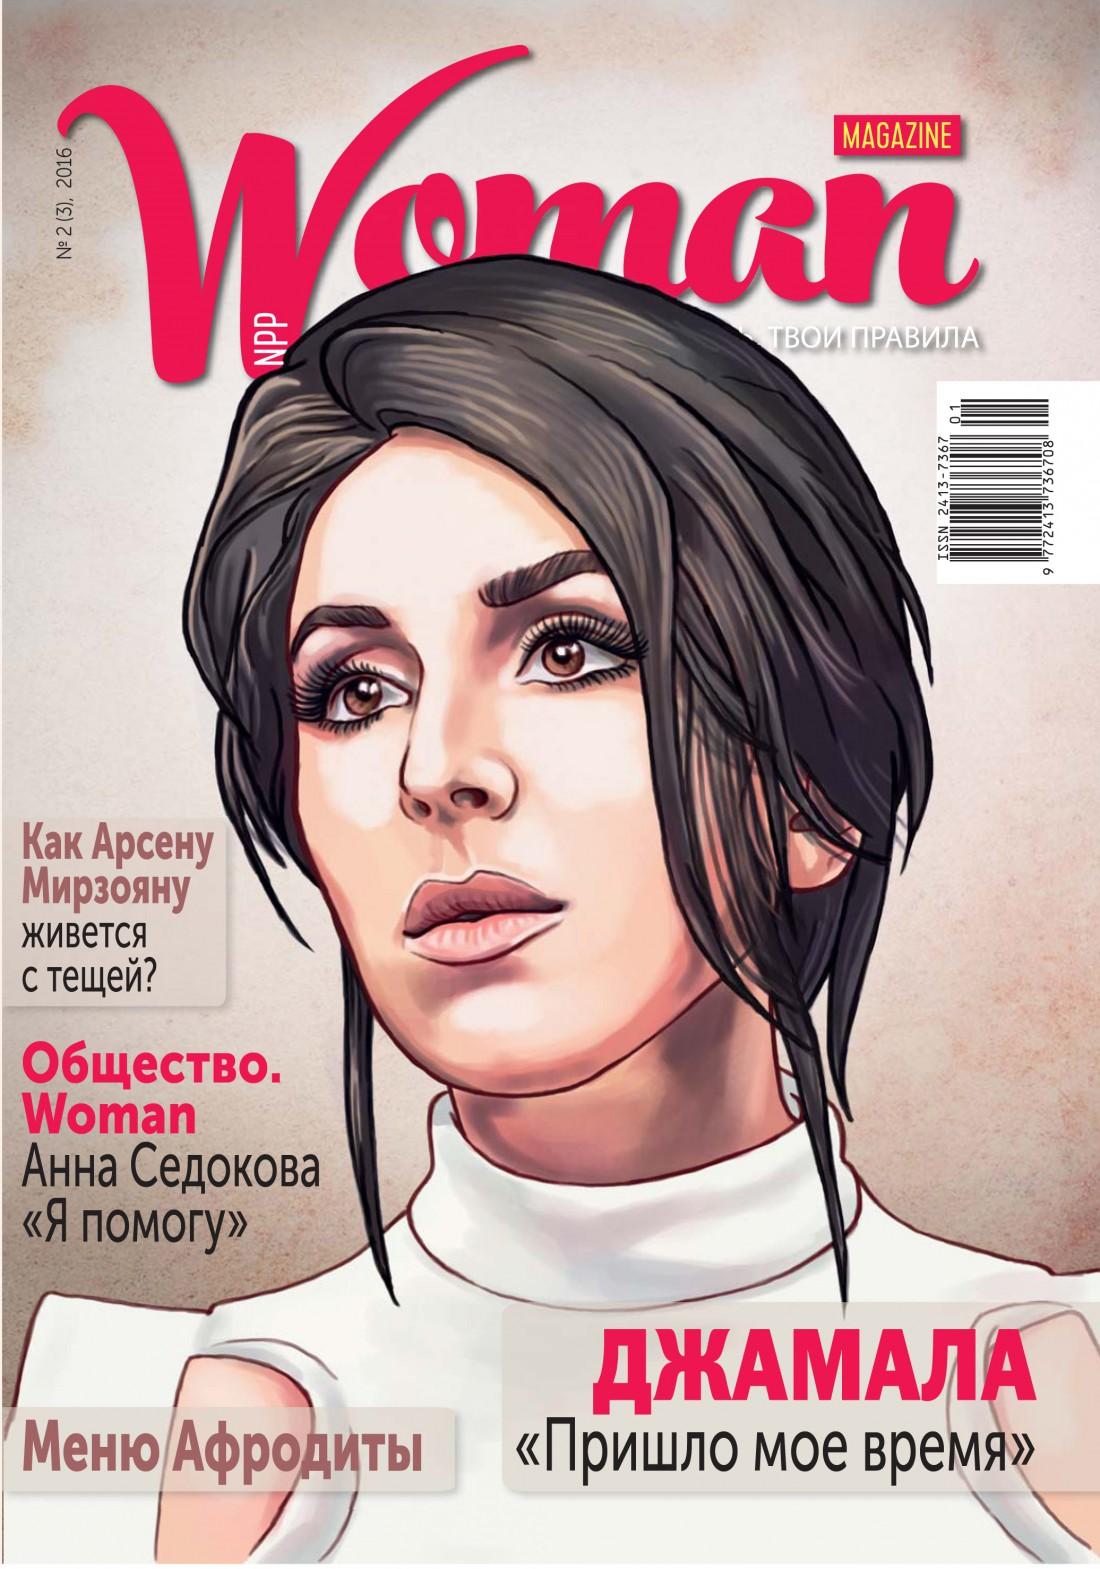 Джамала на обложке журнала